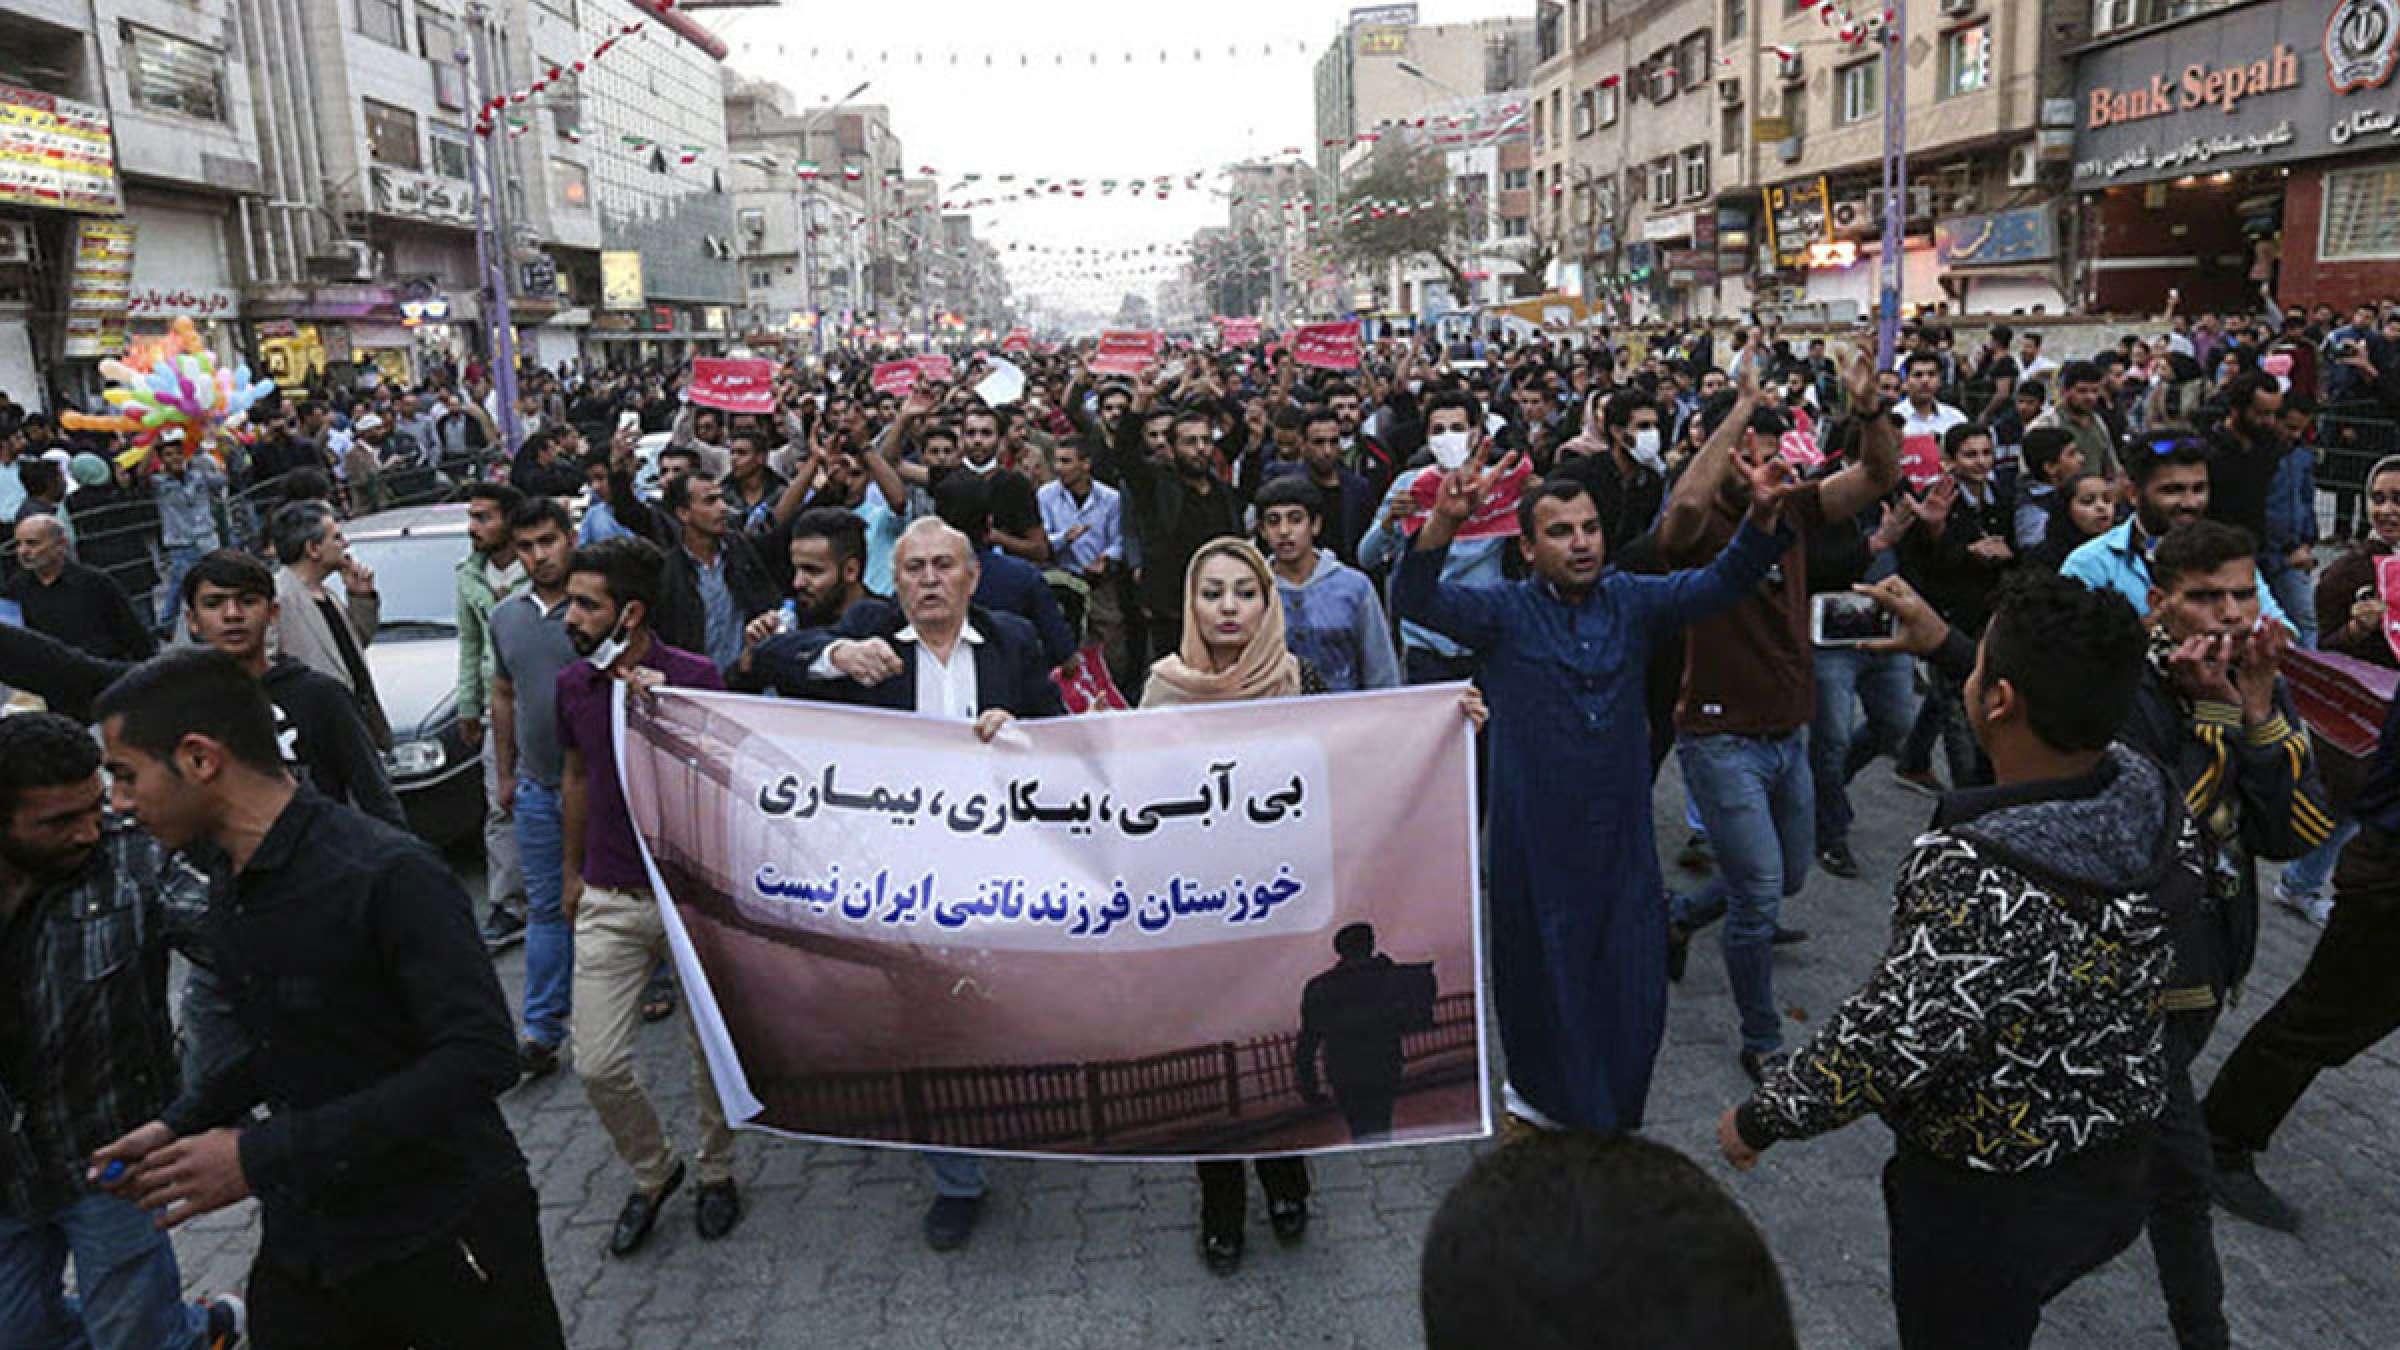 خبر-ایران-گسترش-تظاهرات-و-اعتراضات-خوزستان-به-تهران-و-سراسر-ایران